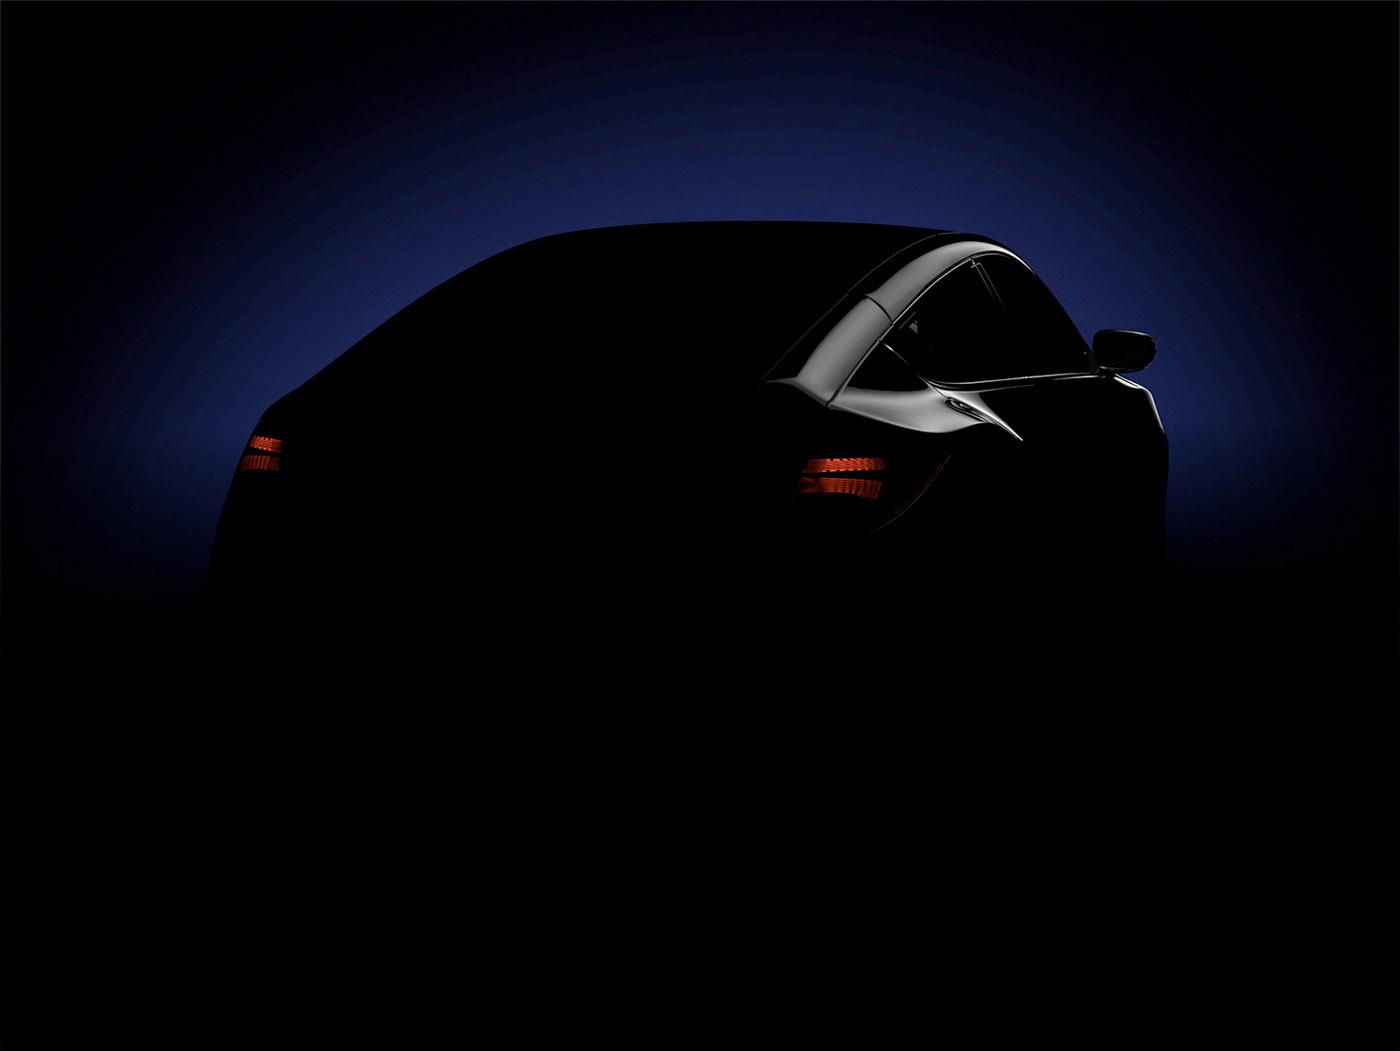 Новый Acura ZDX дебютирует на выставке New York International Auto Show - фотография №3